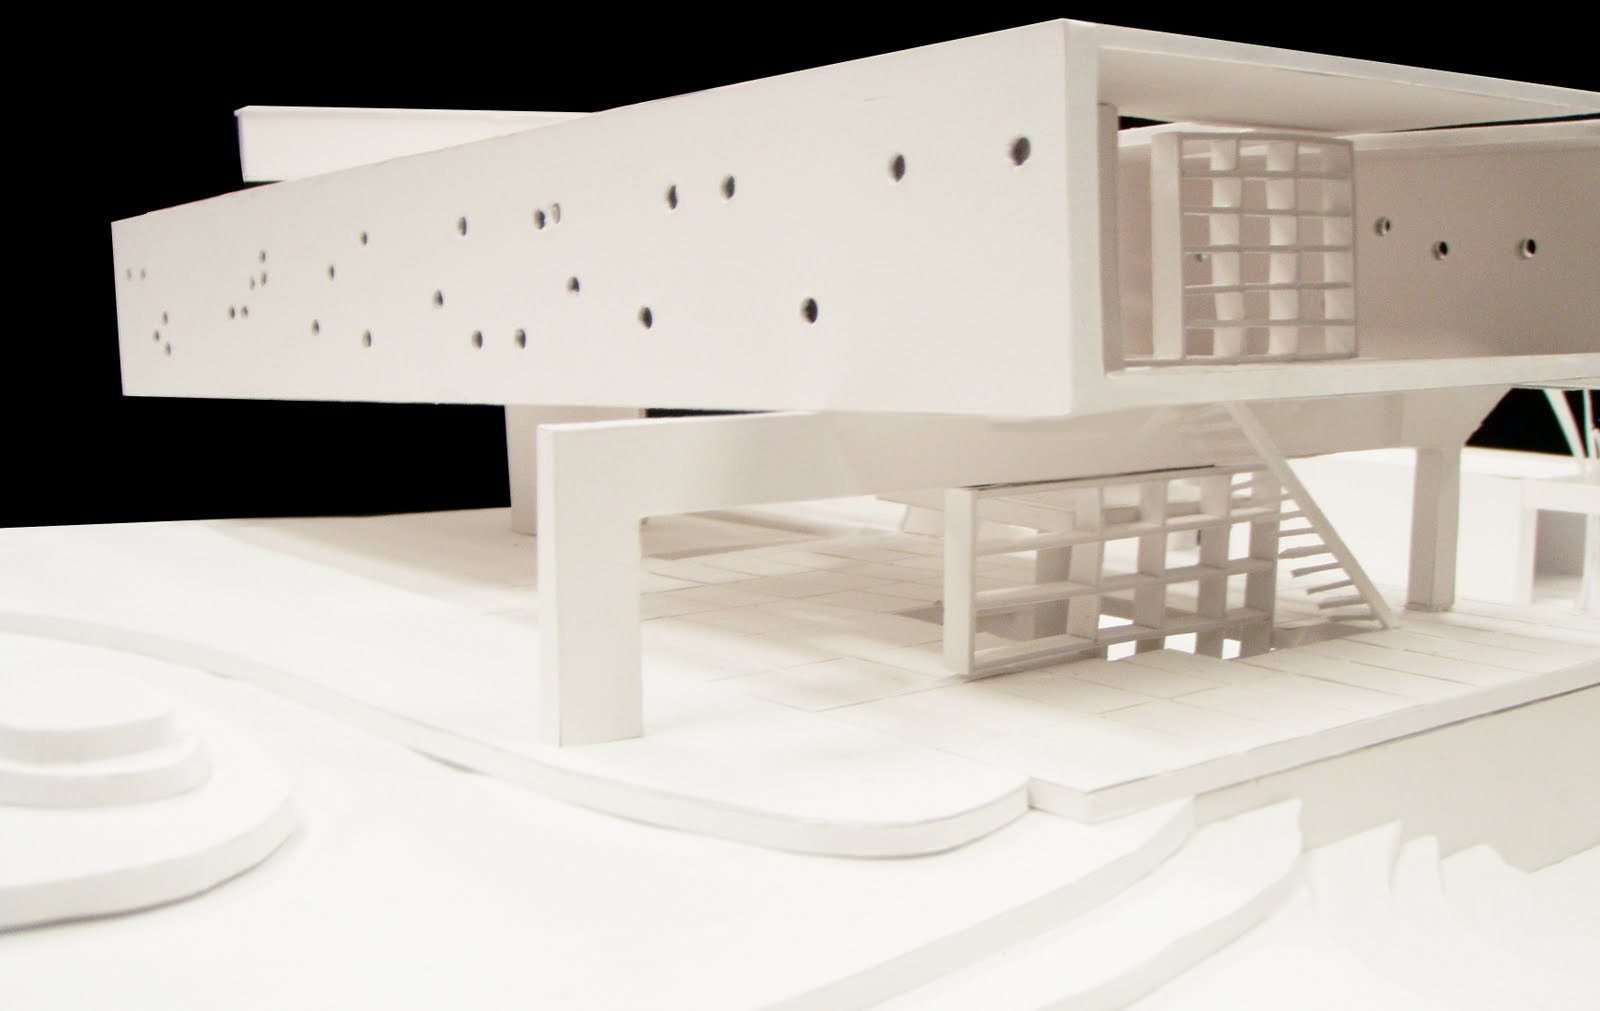 Wun shin liew maison a bordeaux final model for Maison bordeaux